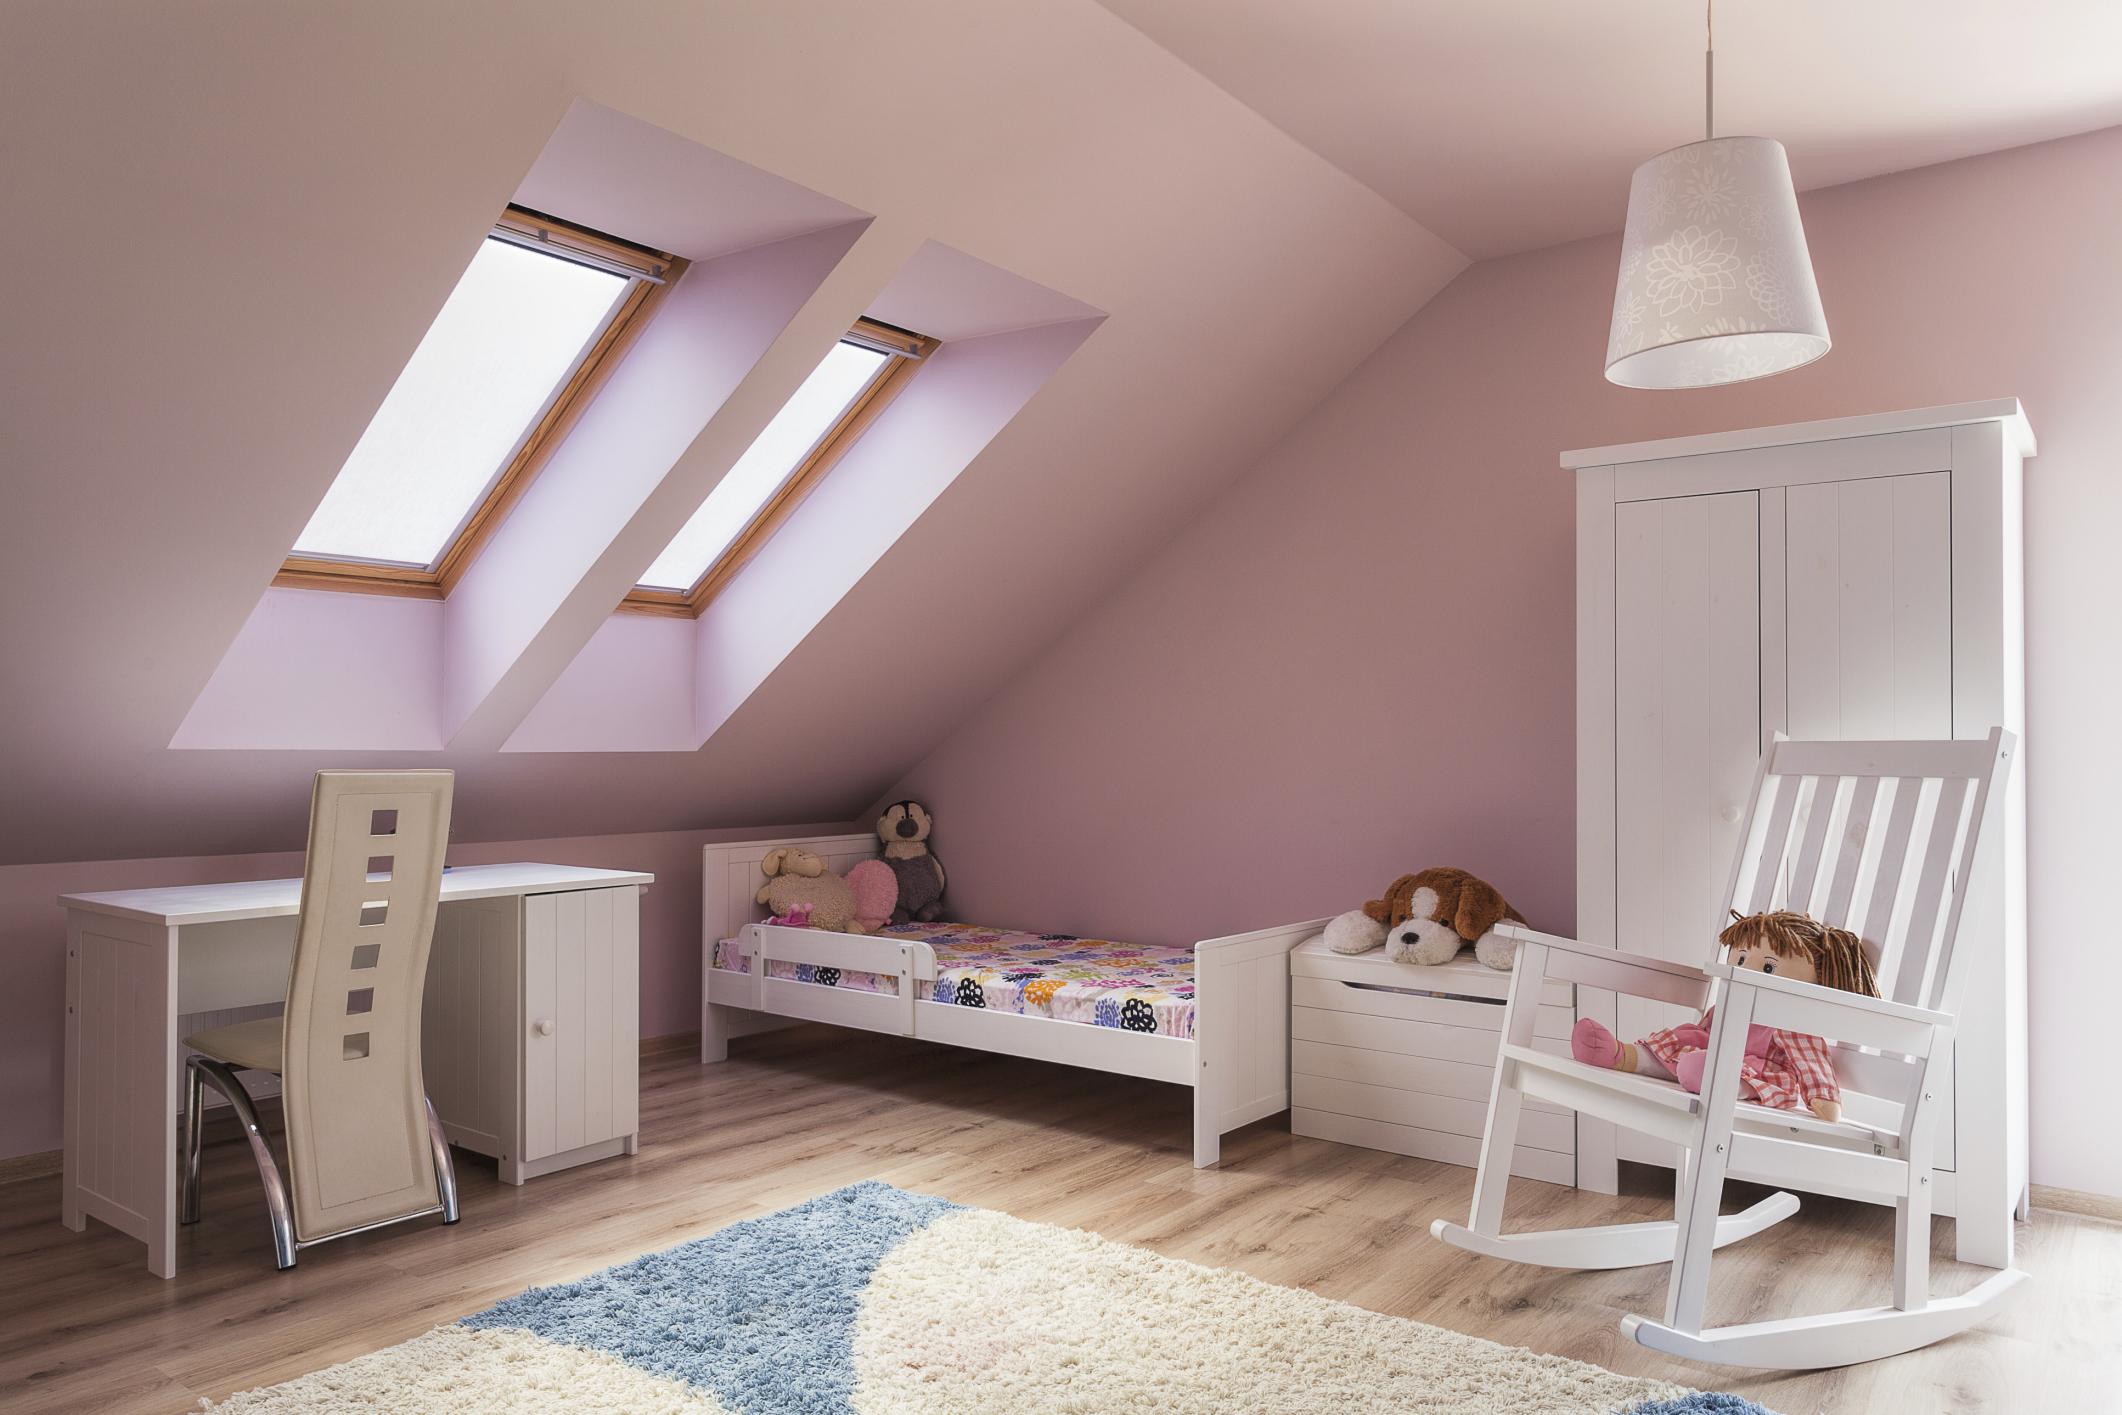 האם חדרי ילדים לבנות חייבים להיות ורודים